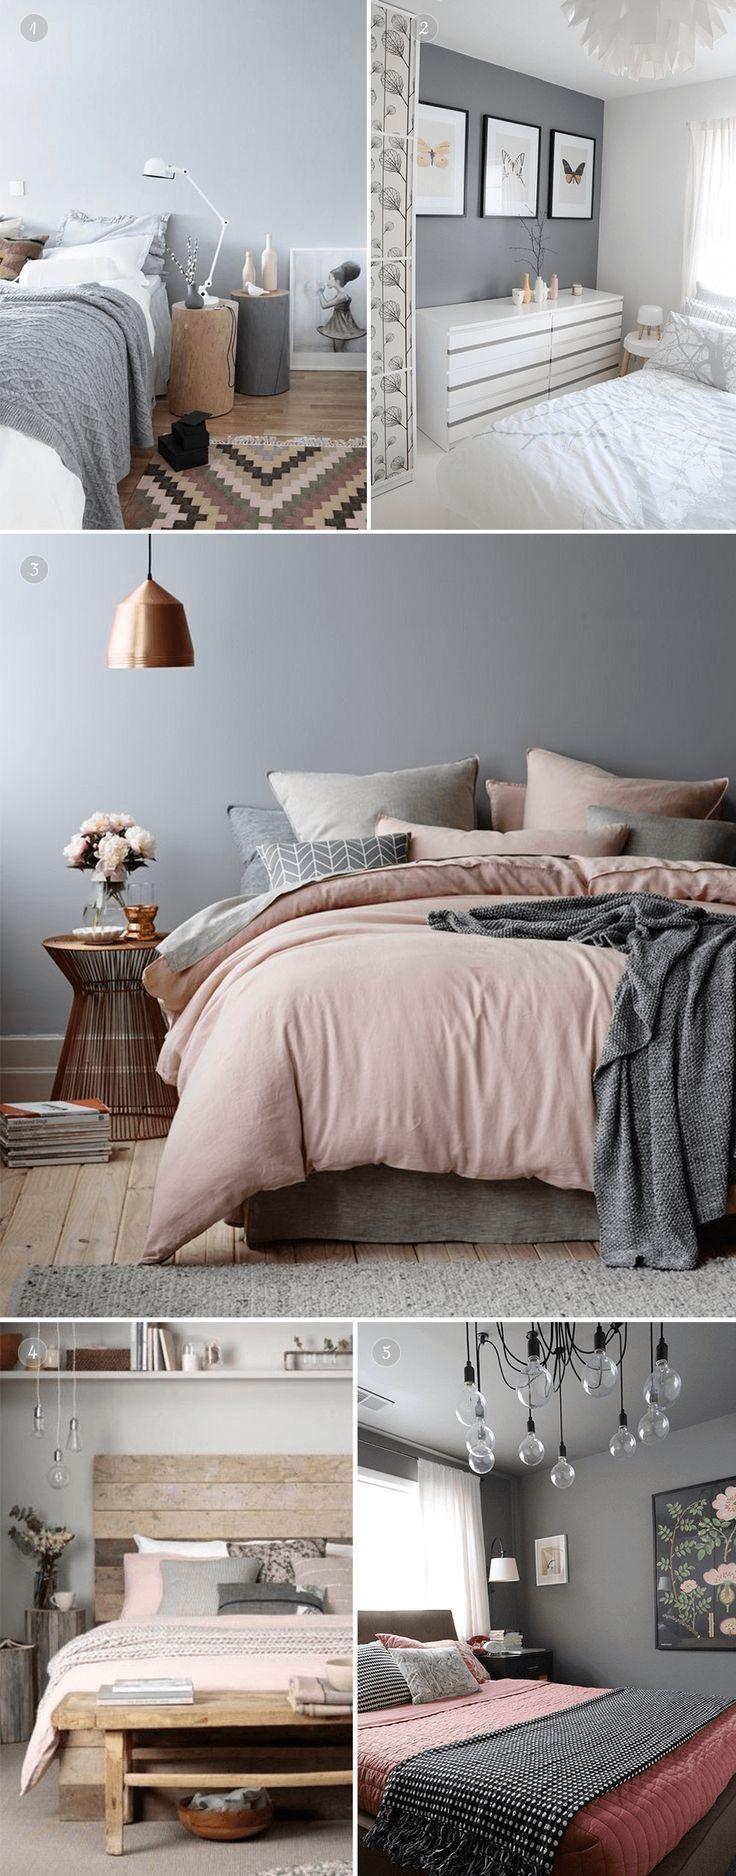 #bedroominspirations